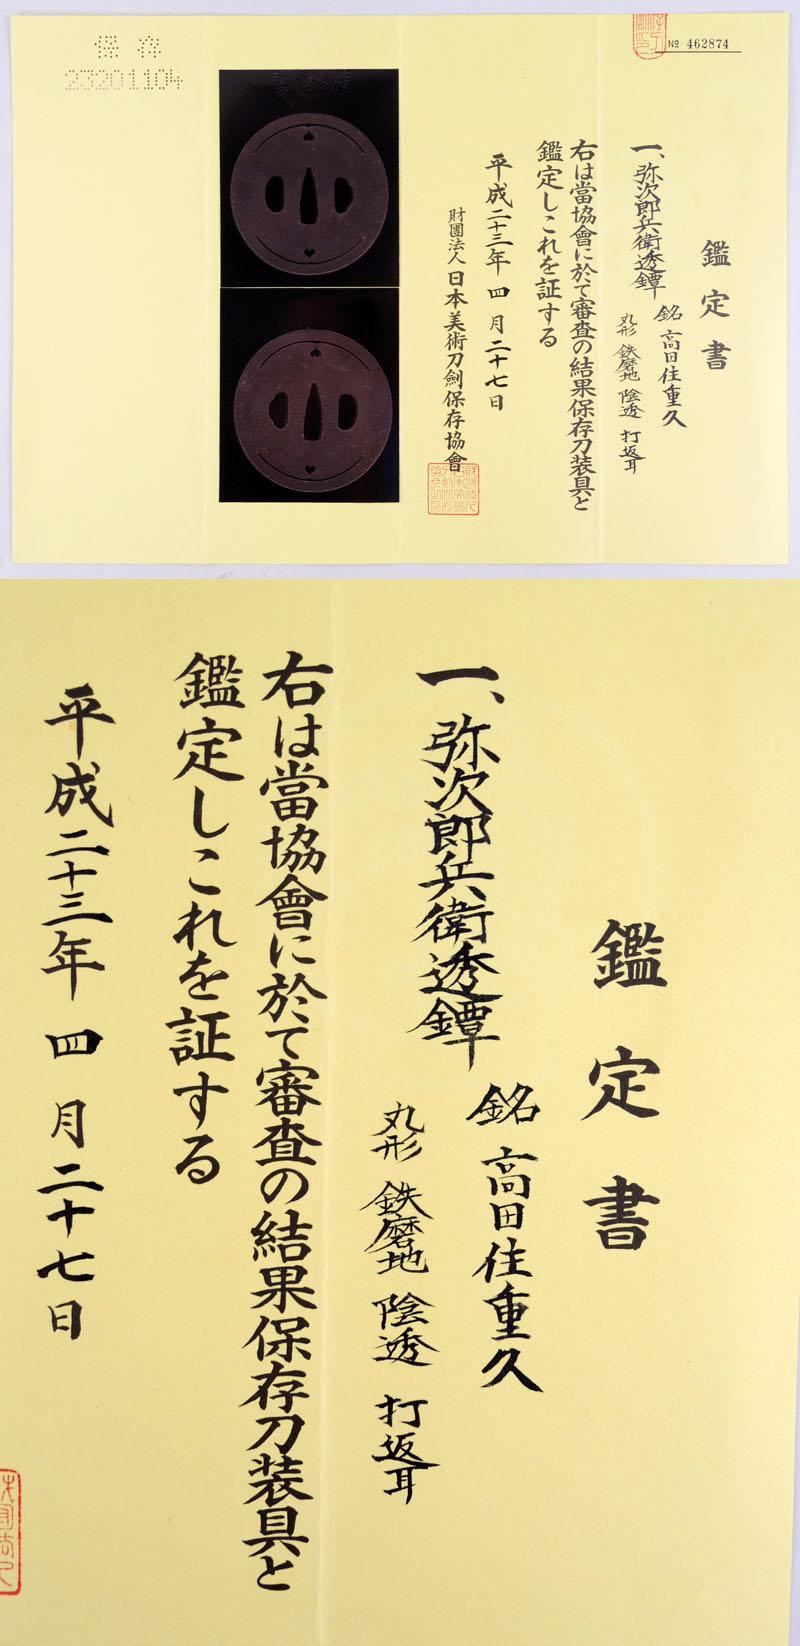 弥次郎兵衛透鍔 高田住重久 (越後高田) Picture of Certificate